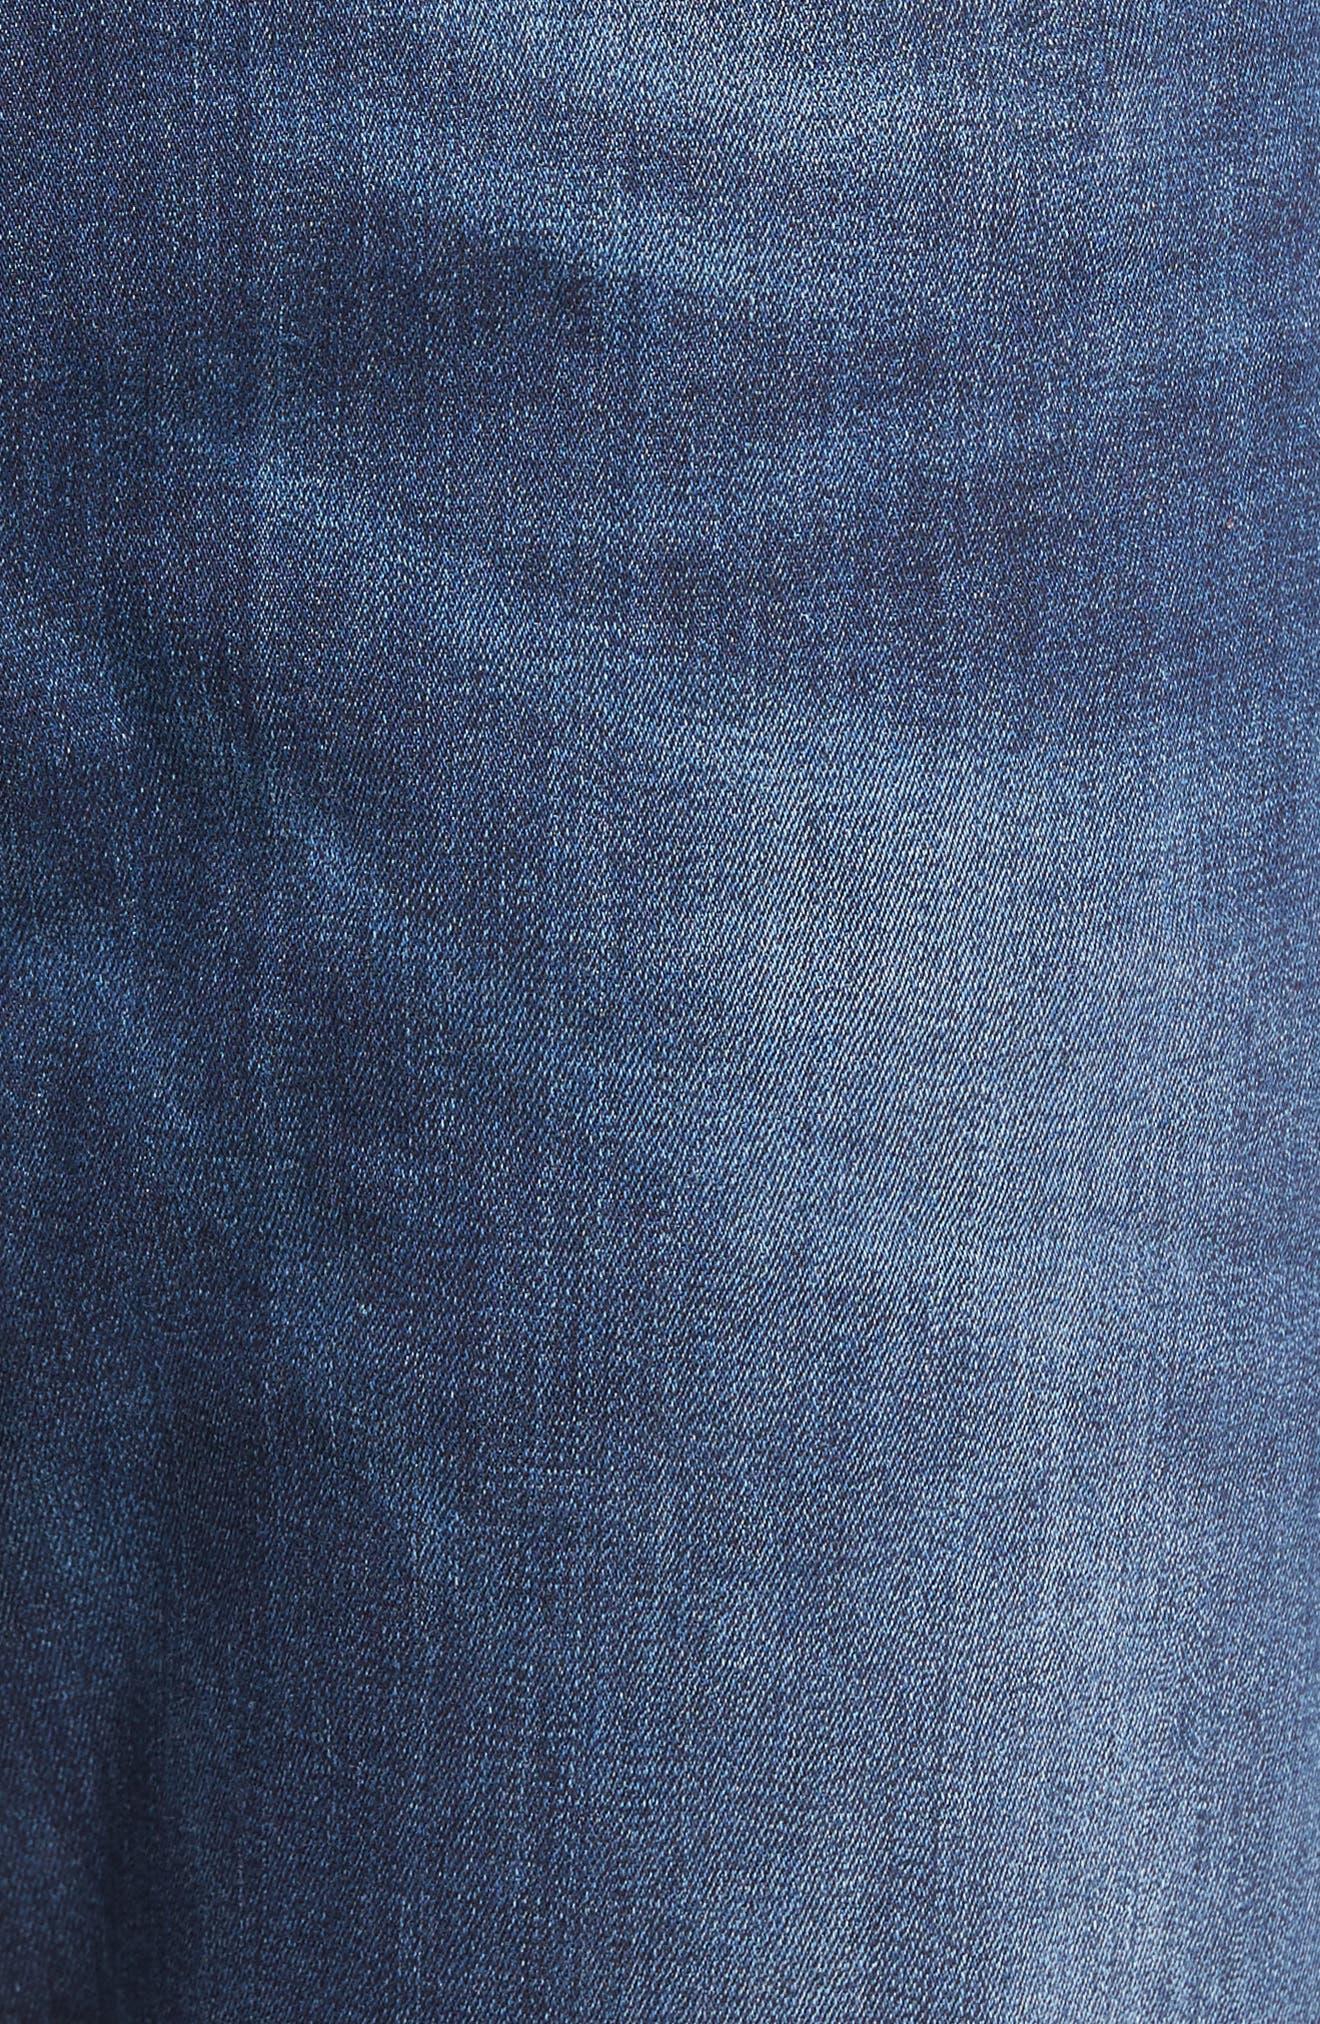 Waykee Straight Leg Jeans,                             Alternate thumbnail 5, color,                             400